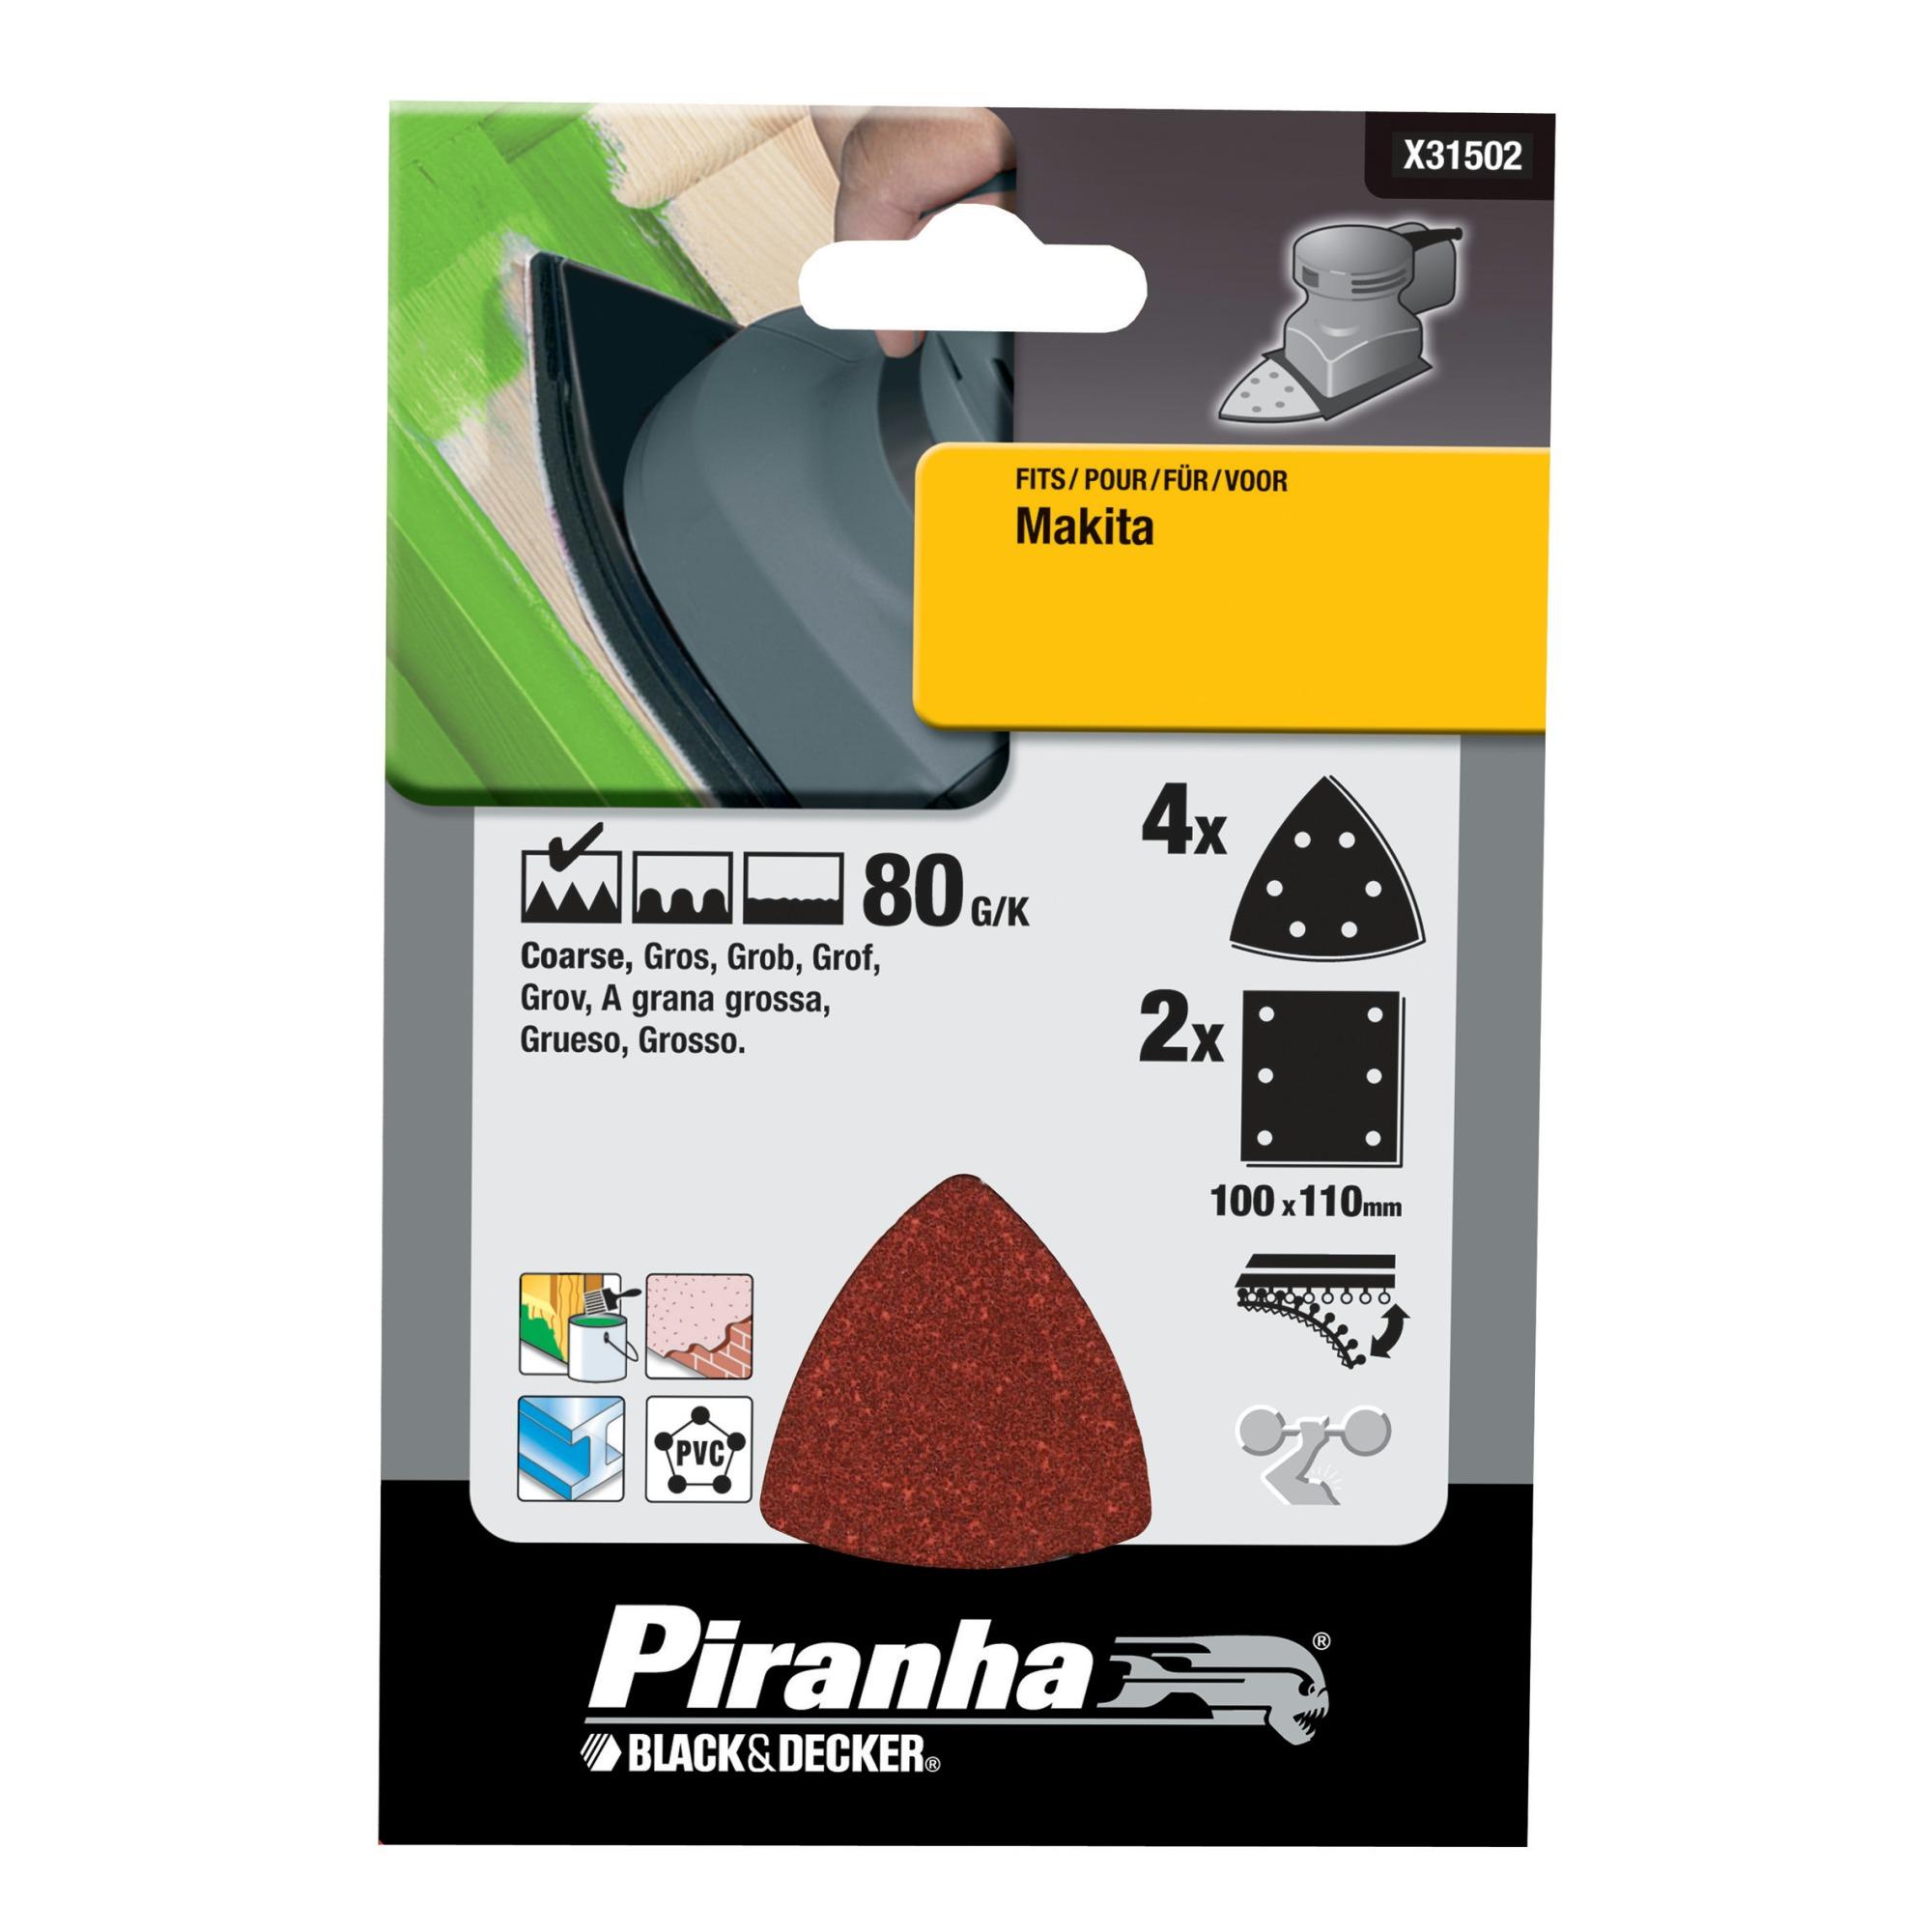 Piranha schuurpapier X31502-XJ K80 (set 6 stuks)